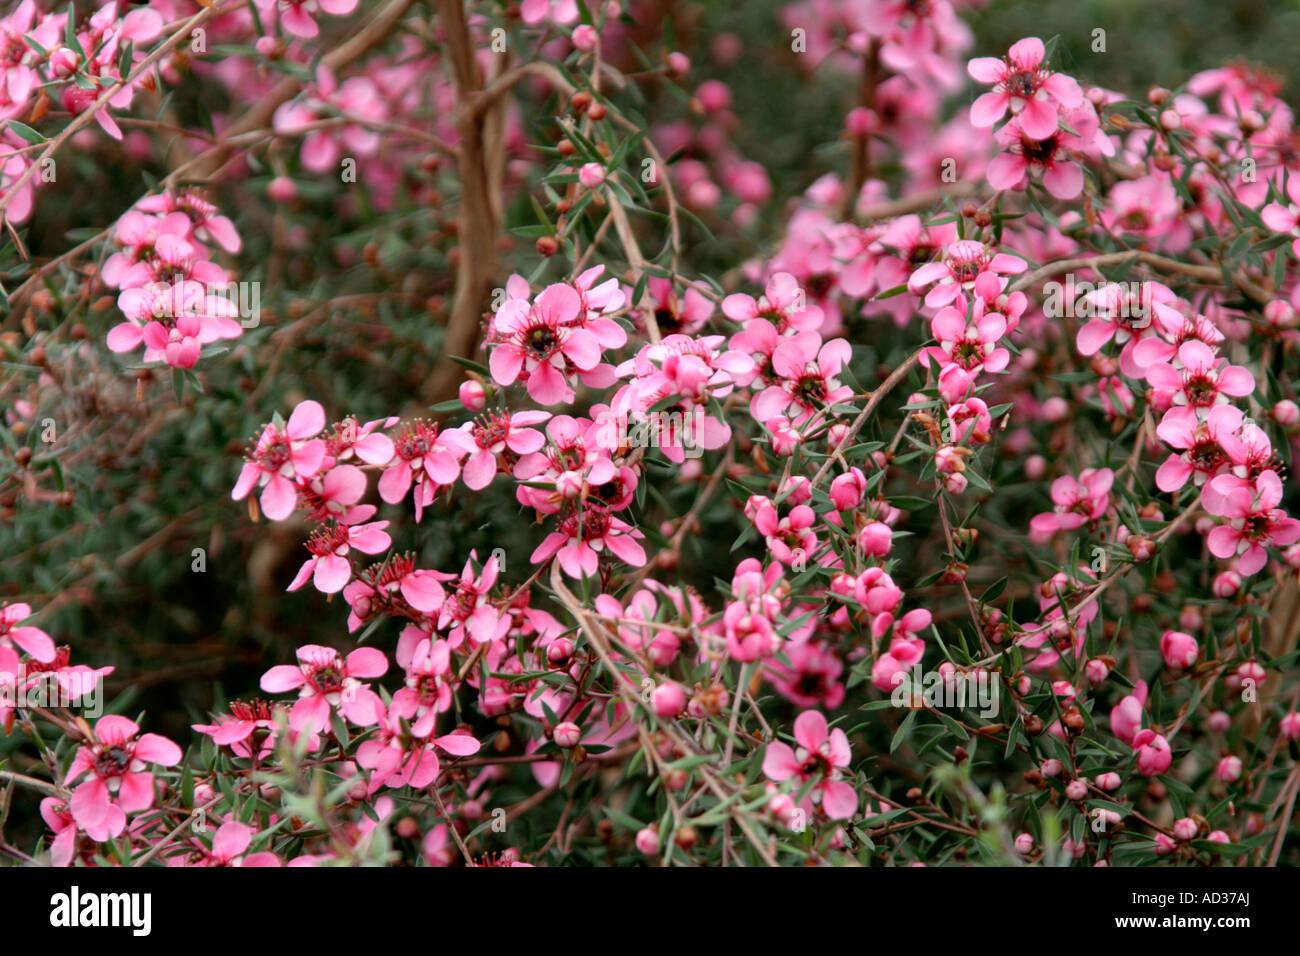 Leptospermum scoparium Nichollsii during May - Stock Image